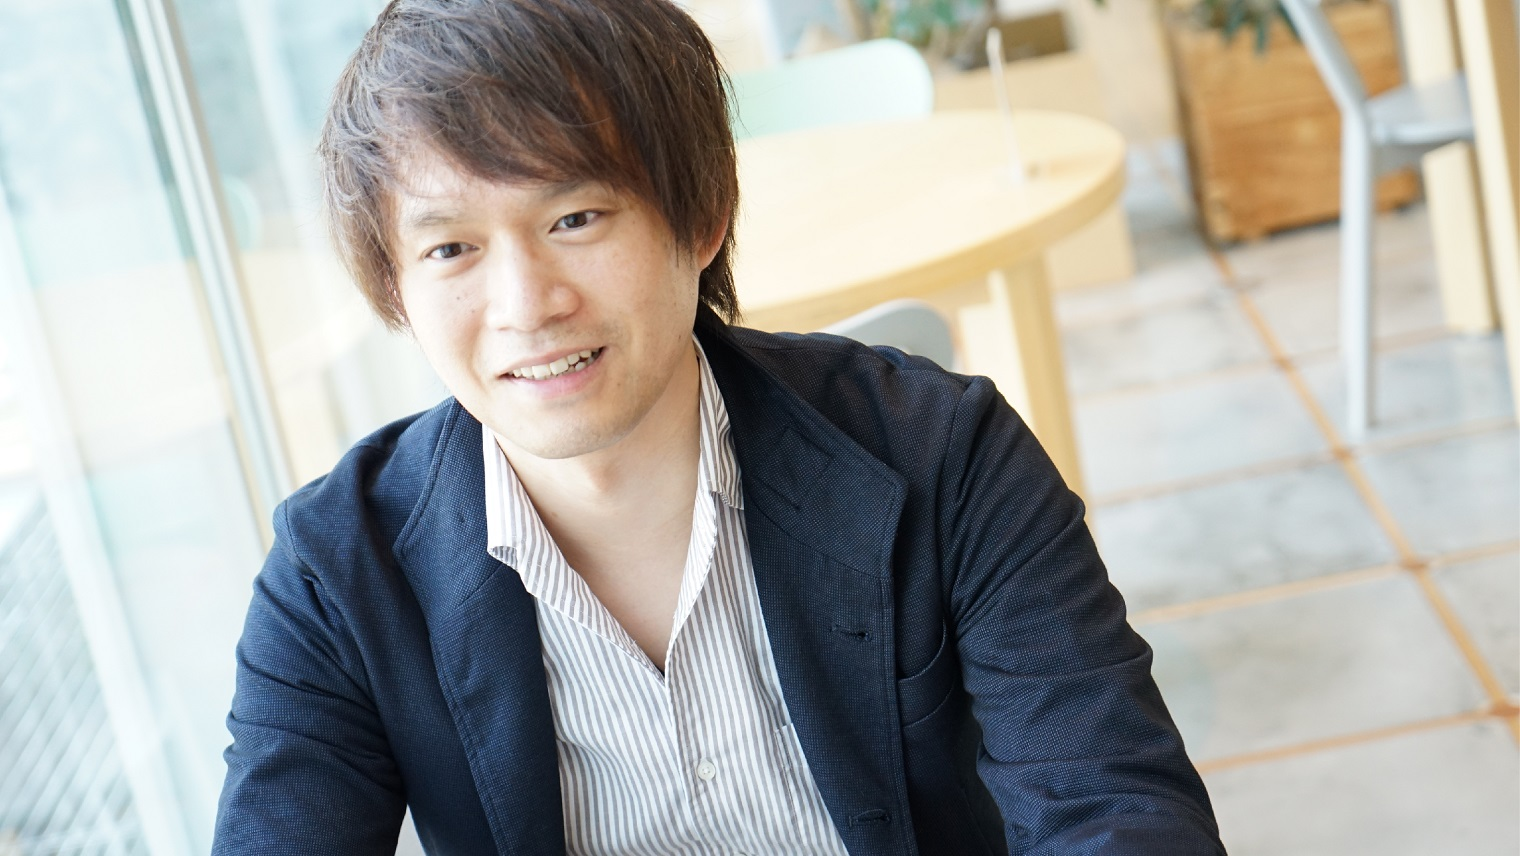 稲垣智裕さん 京セラ株式会社 研究開発本部 メディカル開発センター 東京事業開発部 事業開発3課 Possi開発プロジェクトリーダー。前職では補聴器のエンジニアリングを担当。2005年に京セラへ入社し、携帯電話の開発などに携わる。